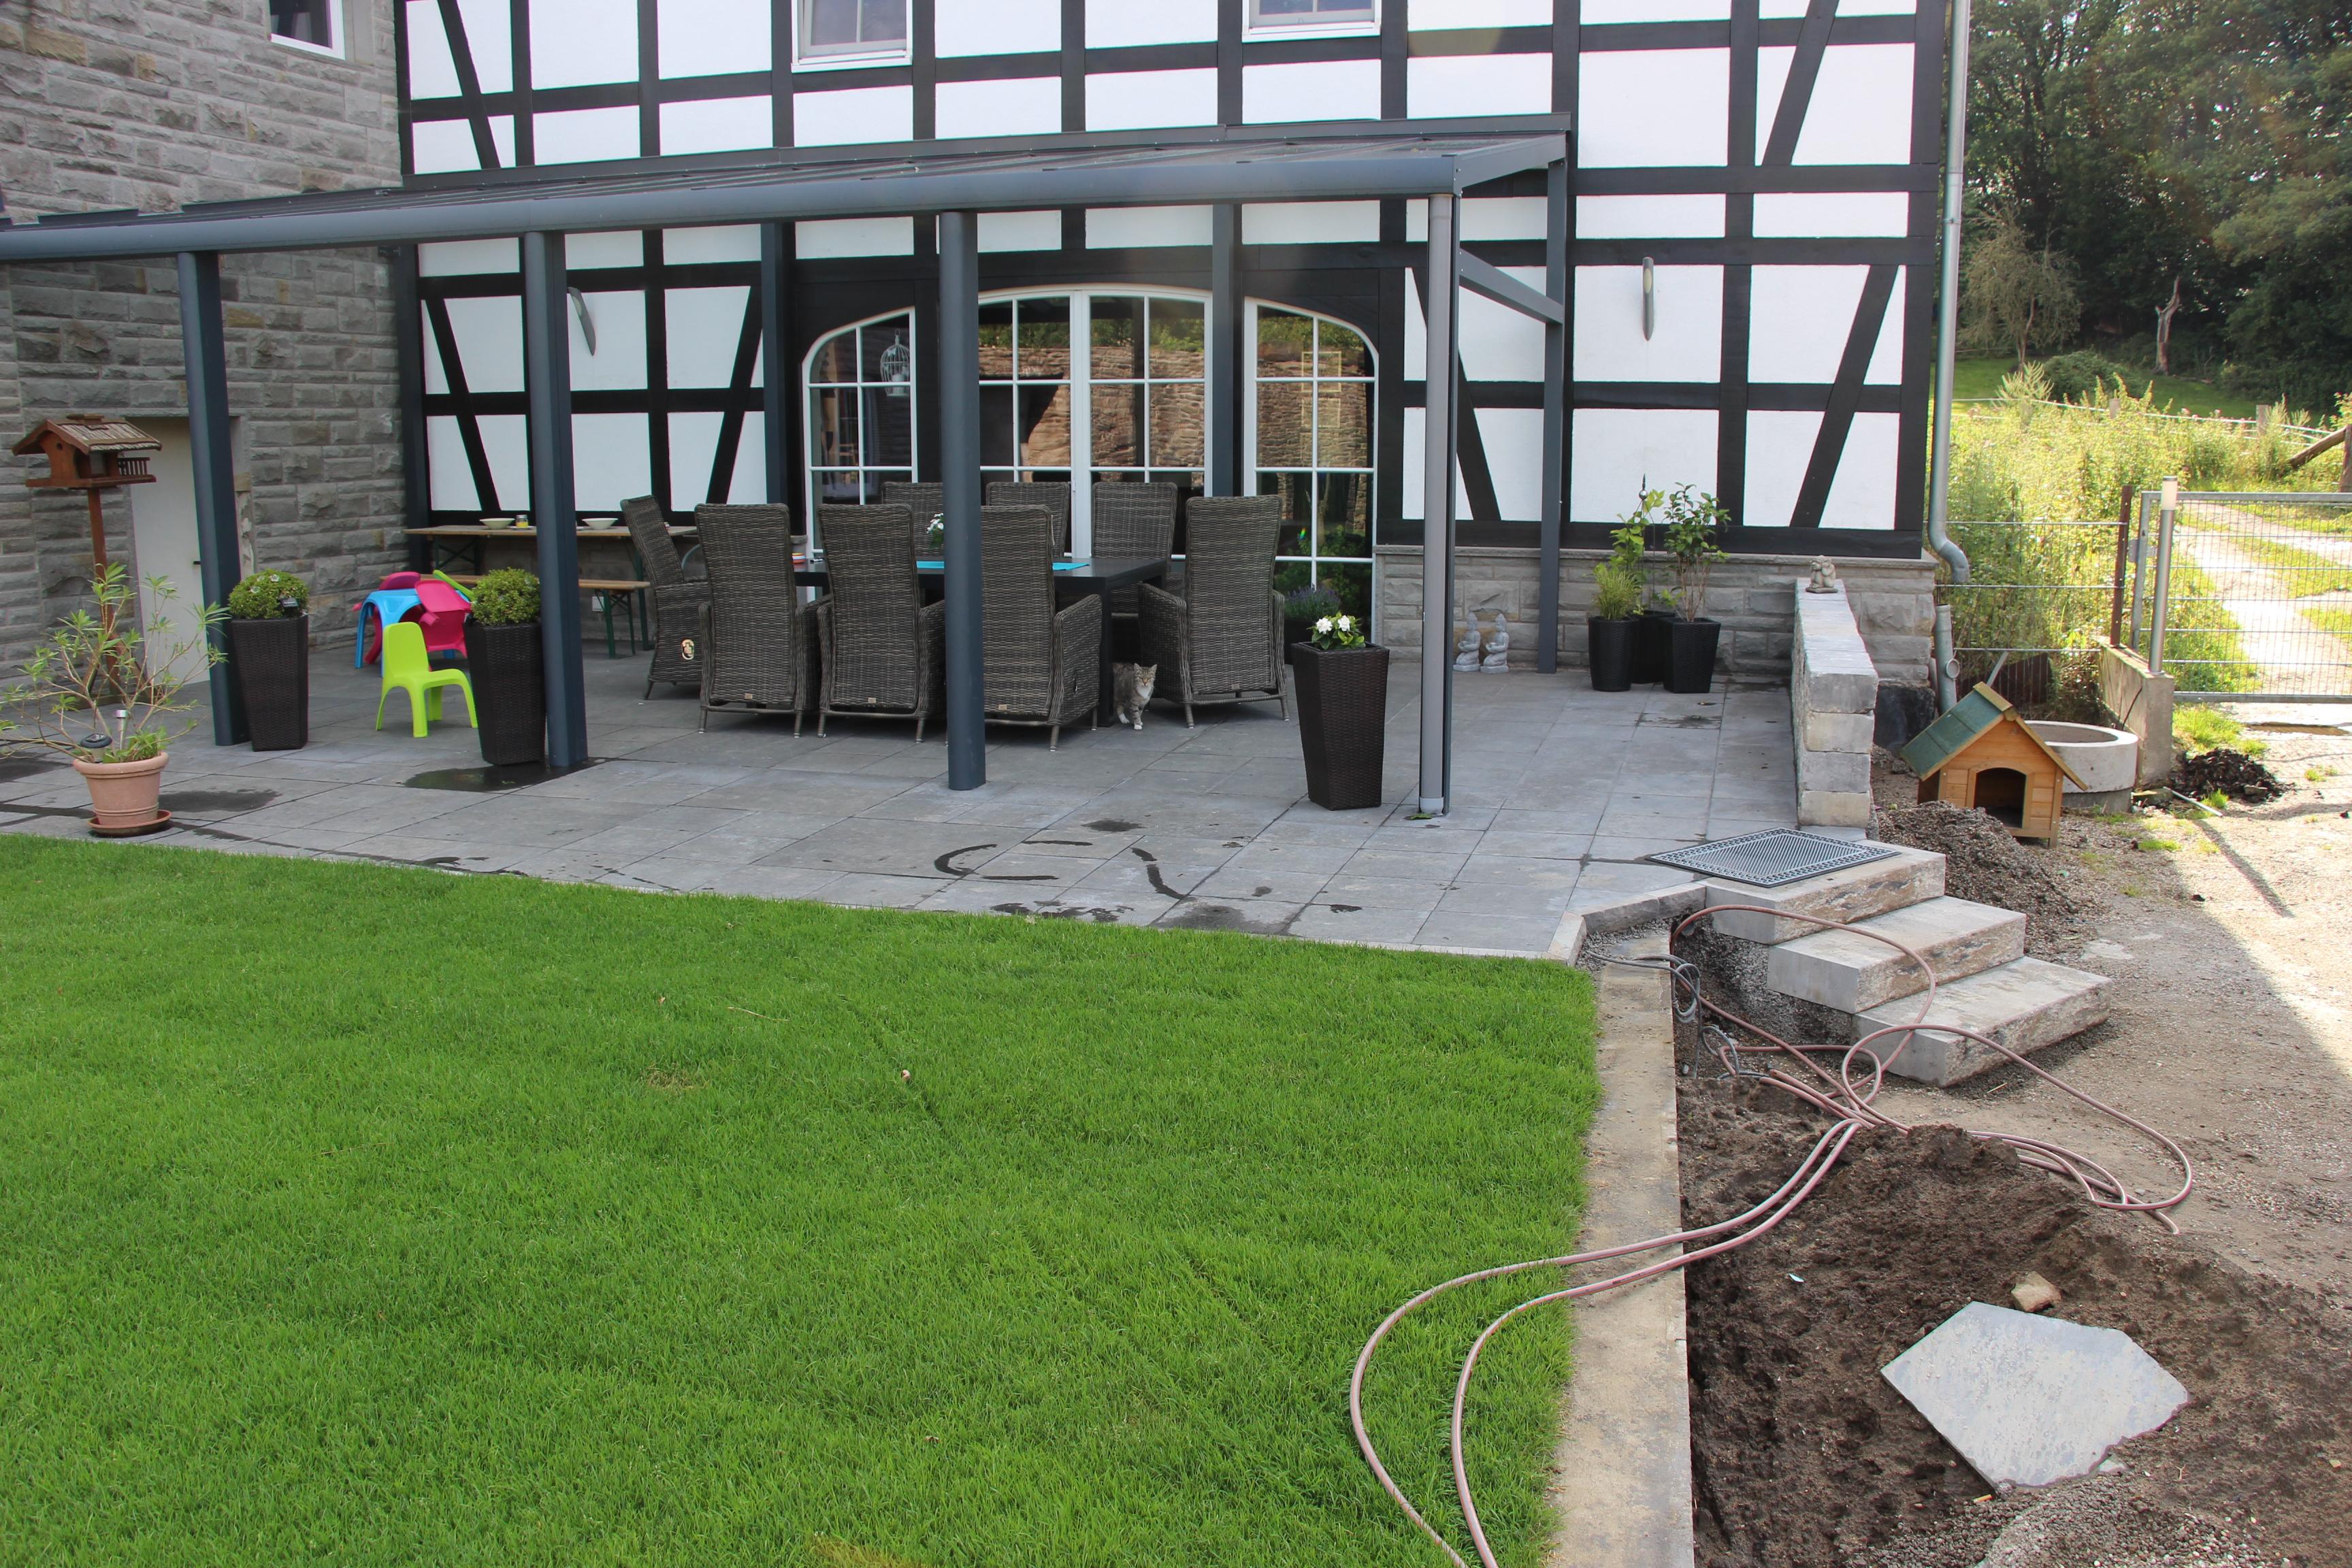 terrasse und rollrasen fl che in wetter andreas hanik garten und landschaftsbau. Black Bedroom Furniture Sets. Home Design Ideas